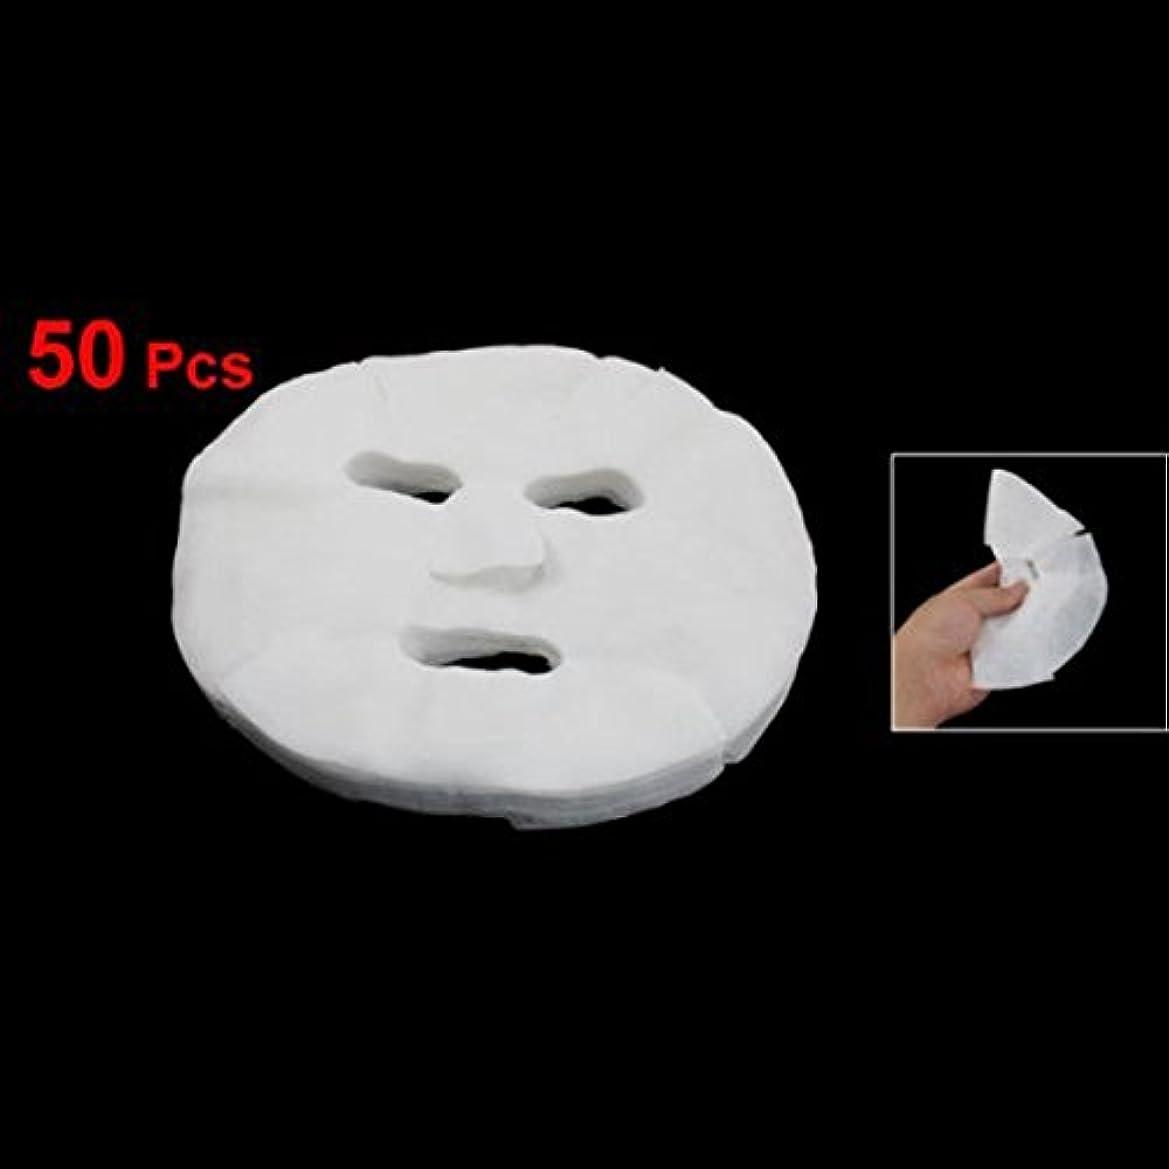 文化まあトピックRETYLY RETYLY(R)50pcs女性の化粧品拡大コットンフェイシャルマスクシート